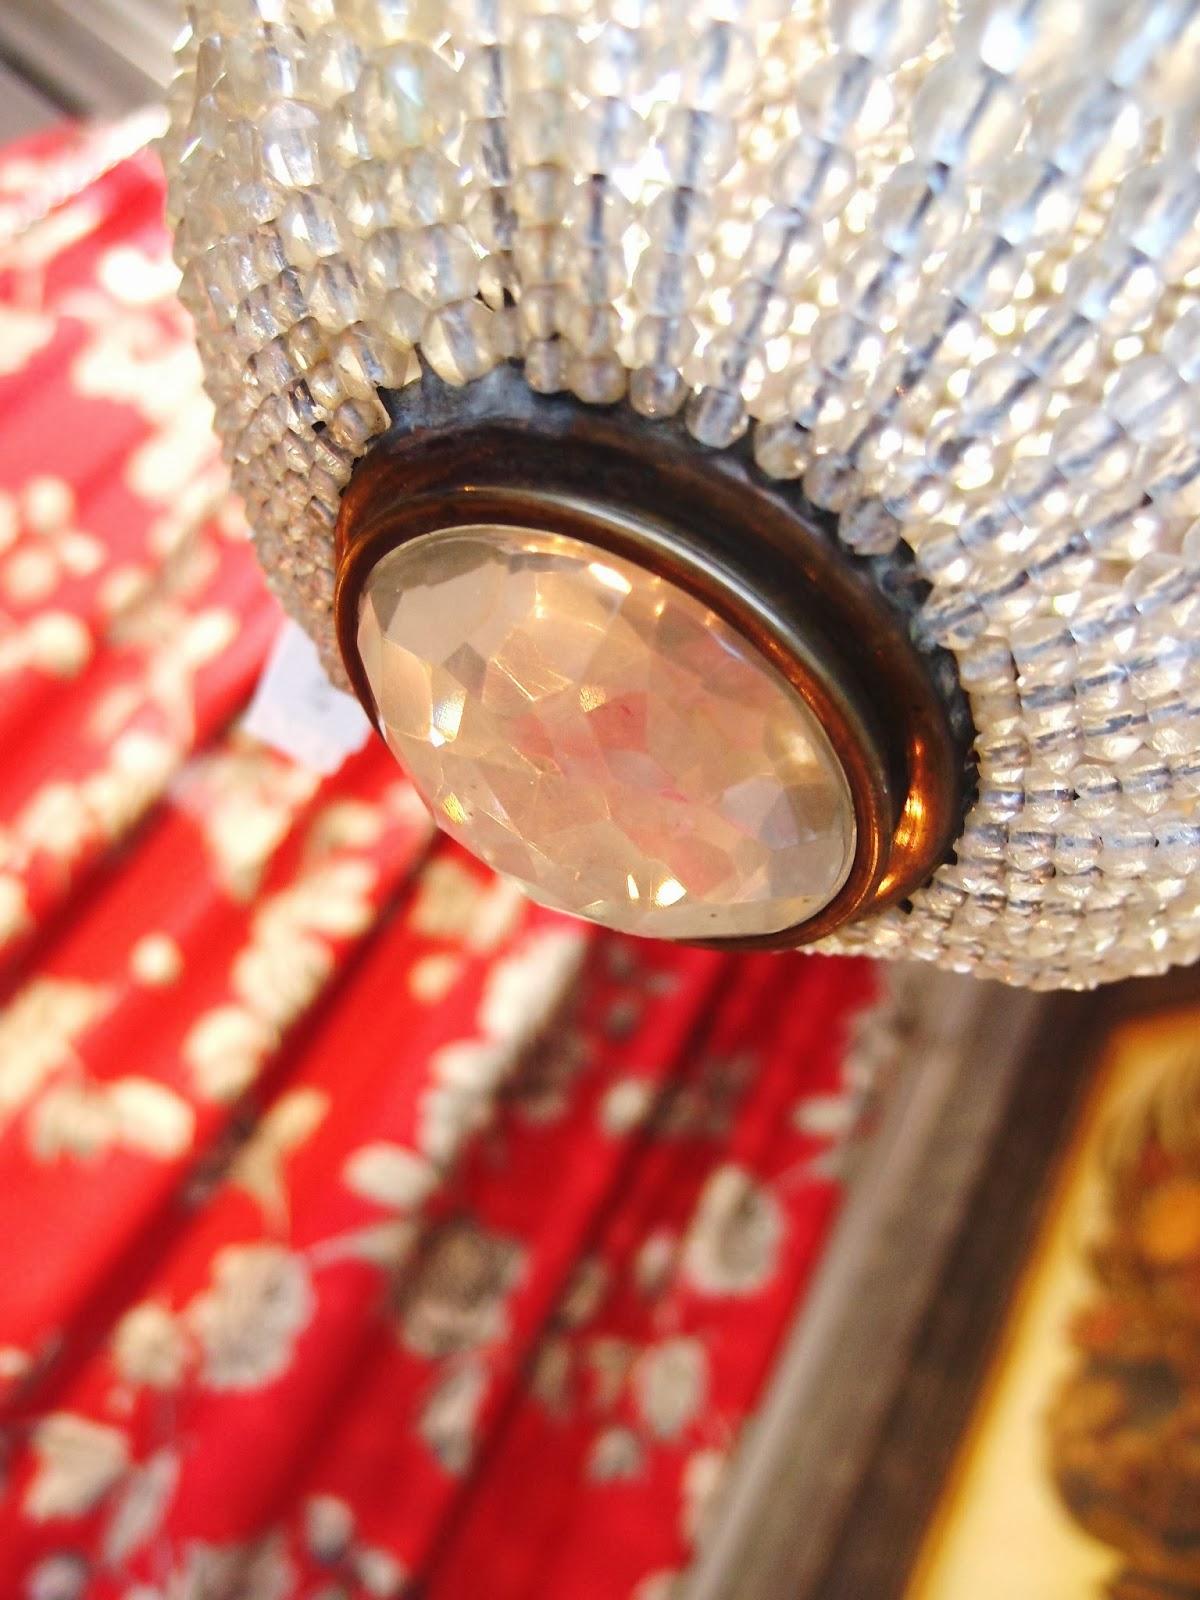 IL BLOG DI ANTICHITA BELLINI: Lampadari antichi in negozio...